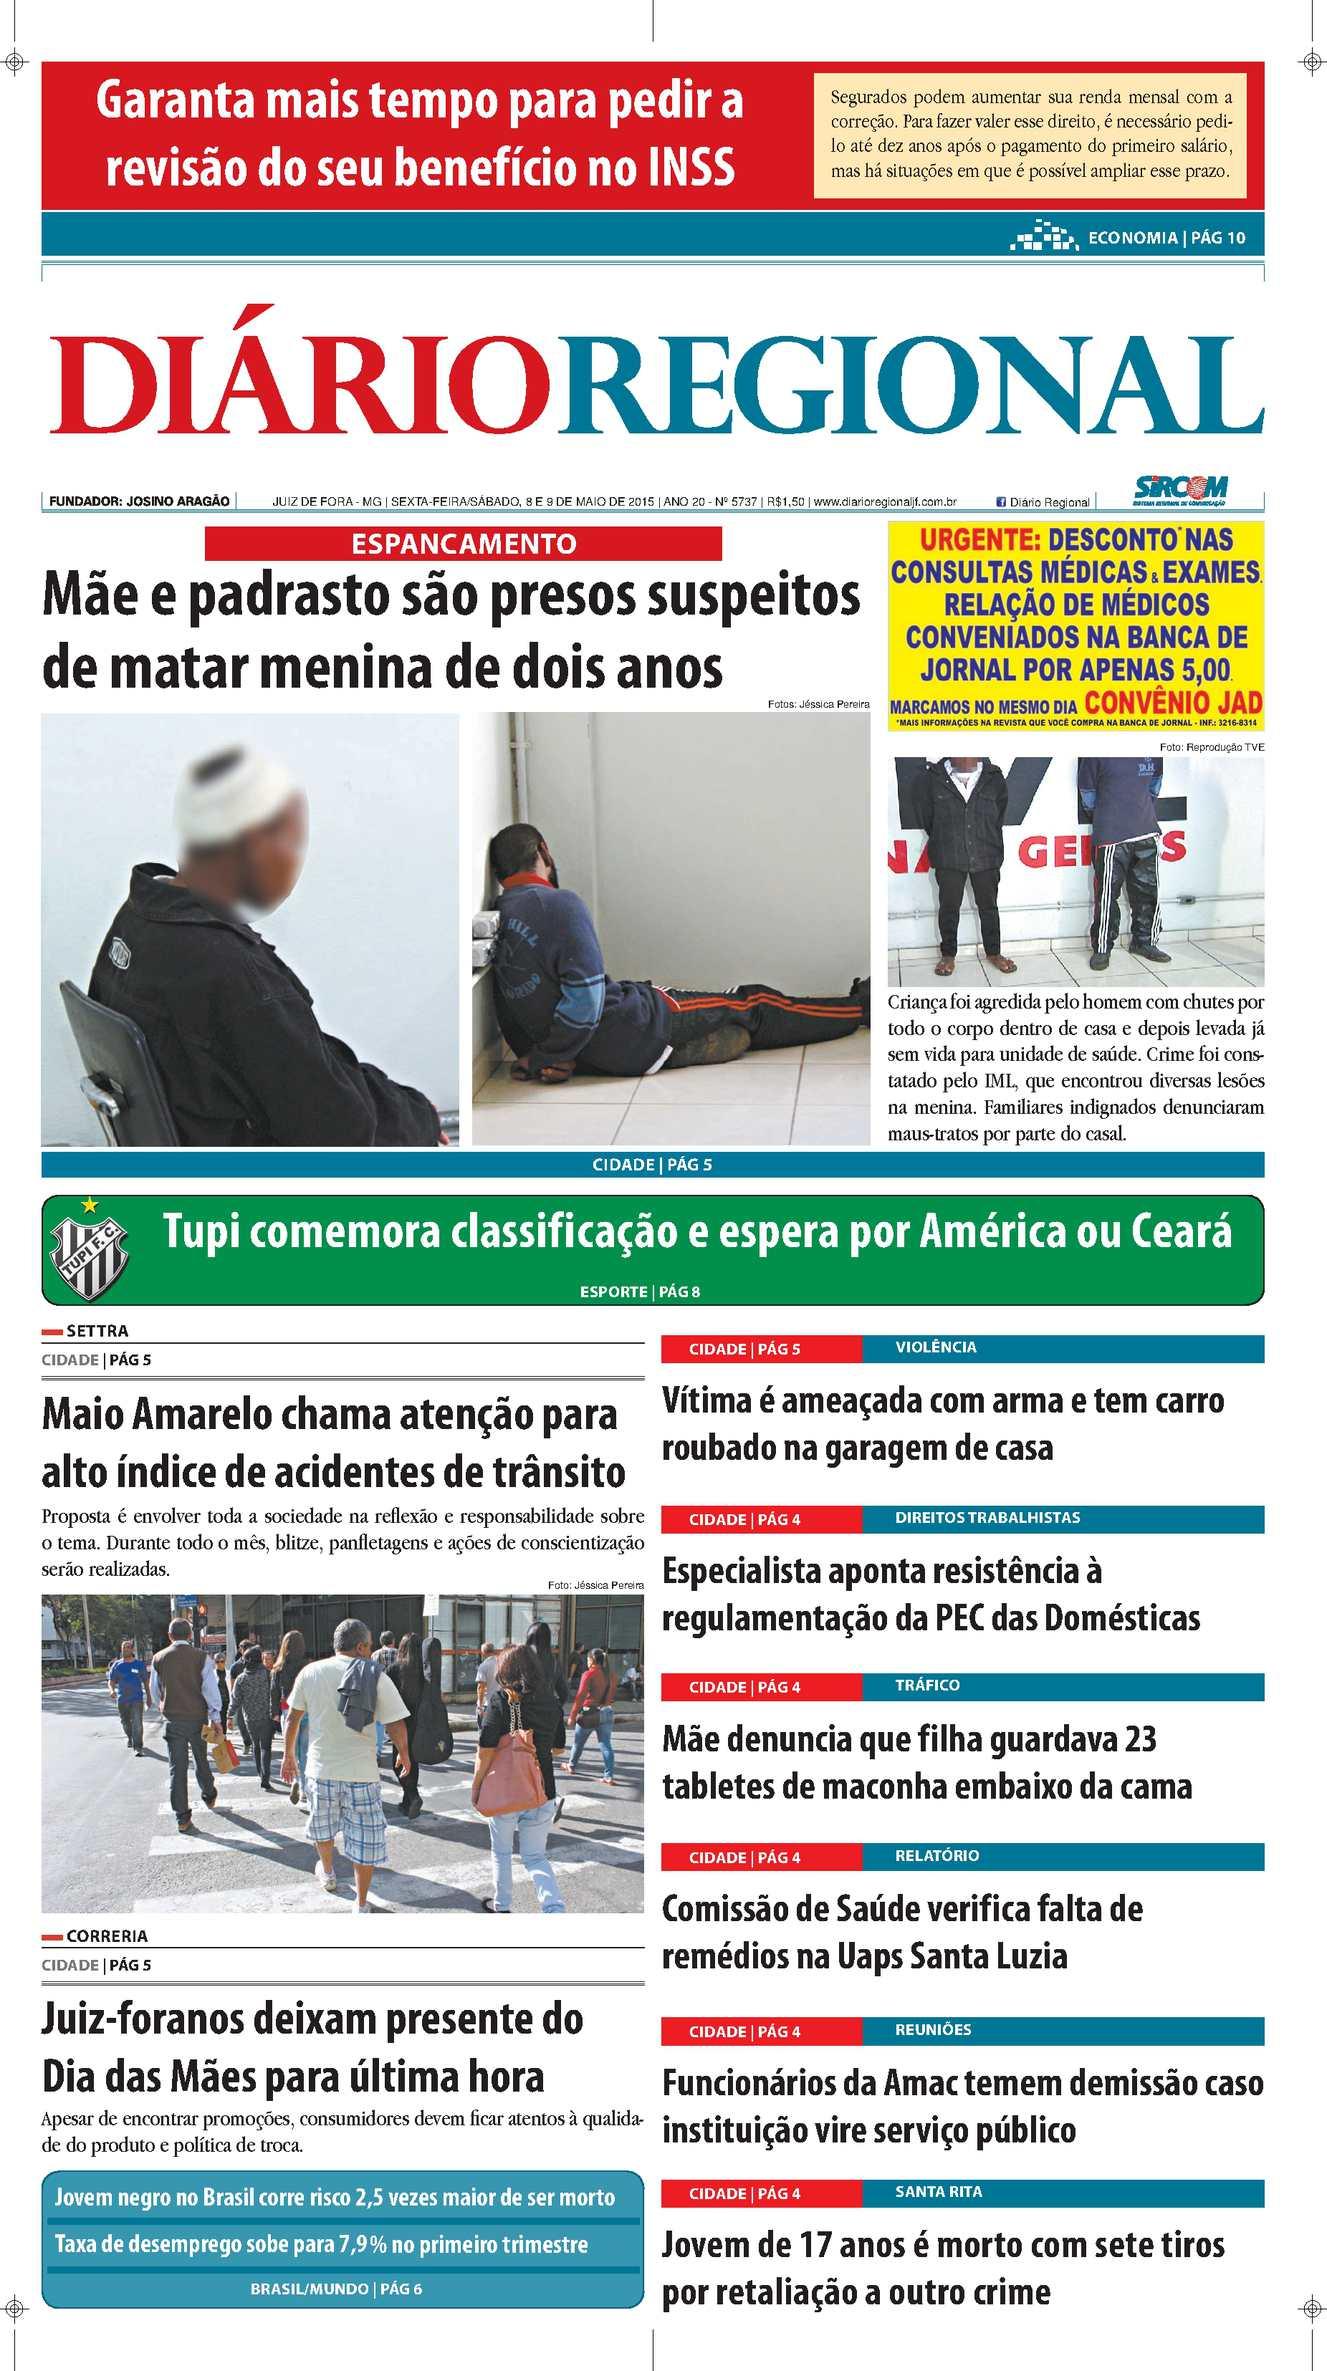 Calaméo - Jornal Site 8 5 15 2441a37abf